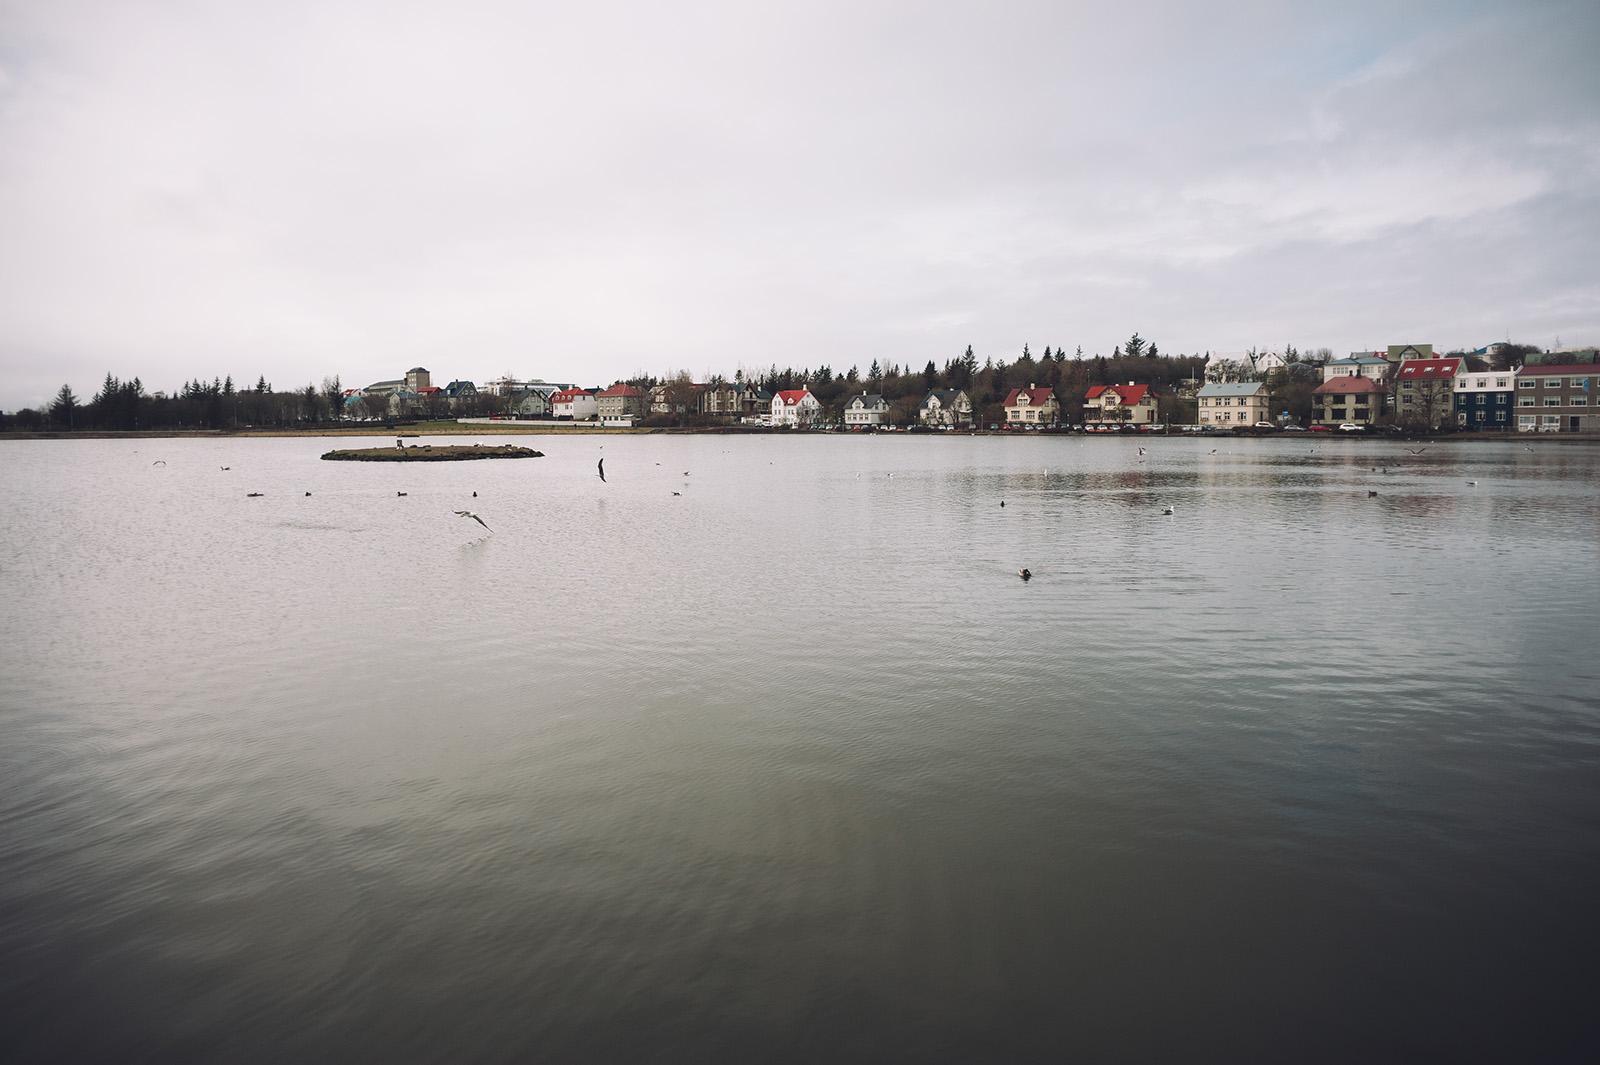 Говорят, на том берегу живут богачи, Reykjavik.